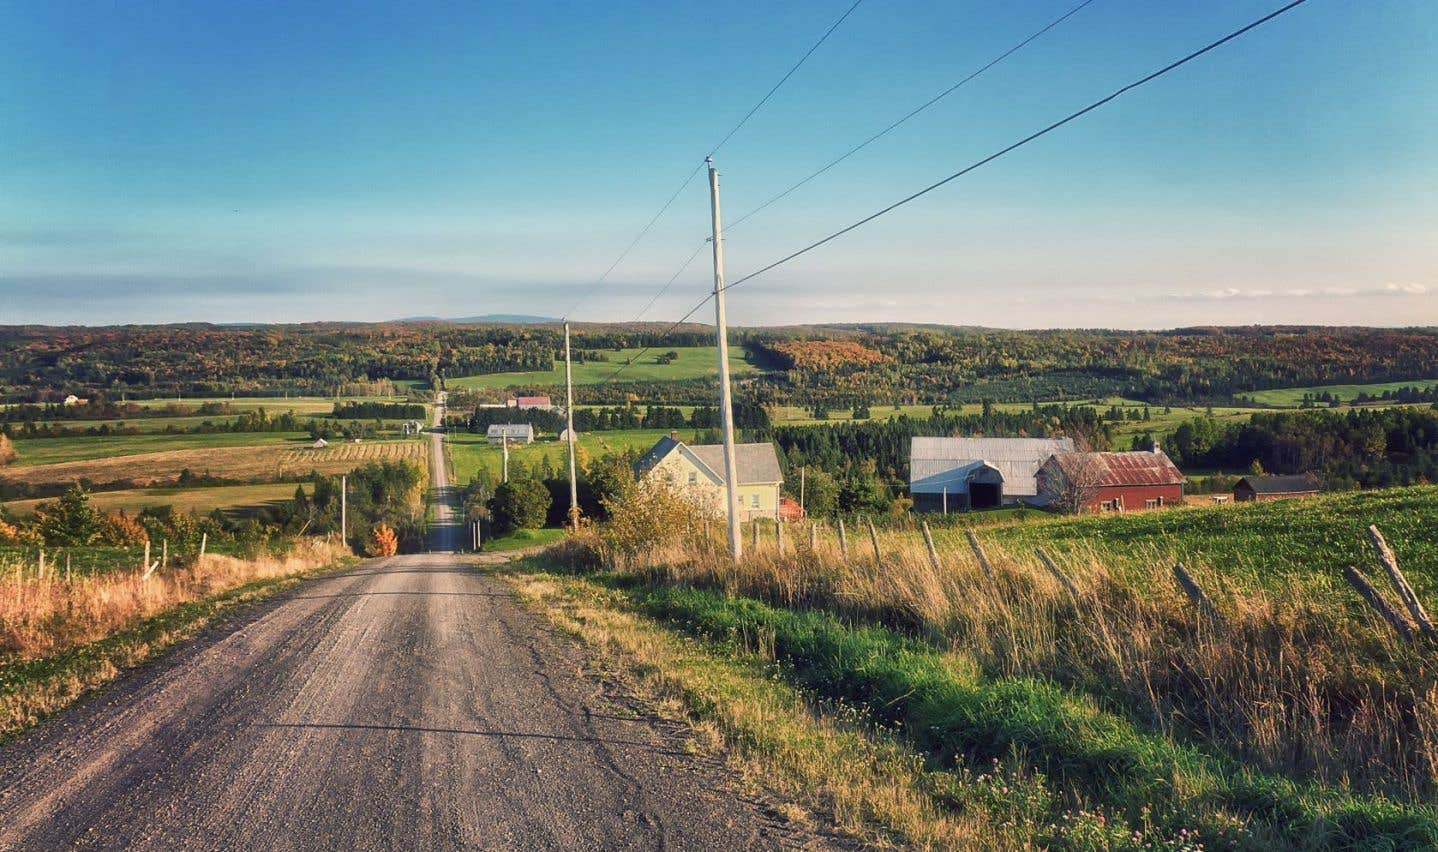 Avec des coupes de financement de l'ordre de 50%, le développement régional peut-il encore se faire? Le ministre Moreau affirme que oui. «Mais de quel développement parle-t-on?», demande Claire Bolduc, présidente de la coalition Solidarité rurale du Québec.